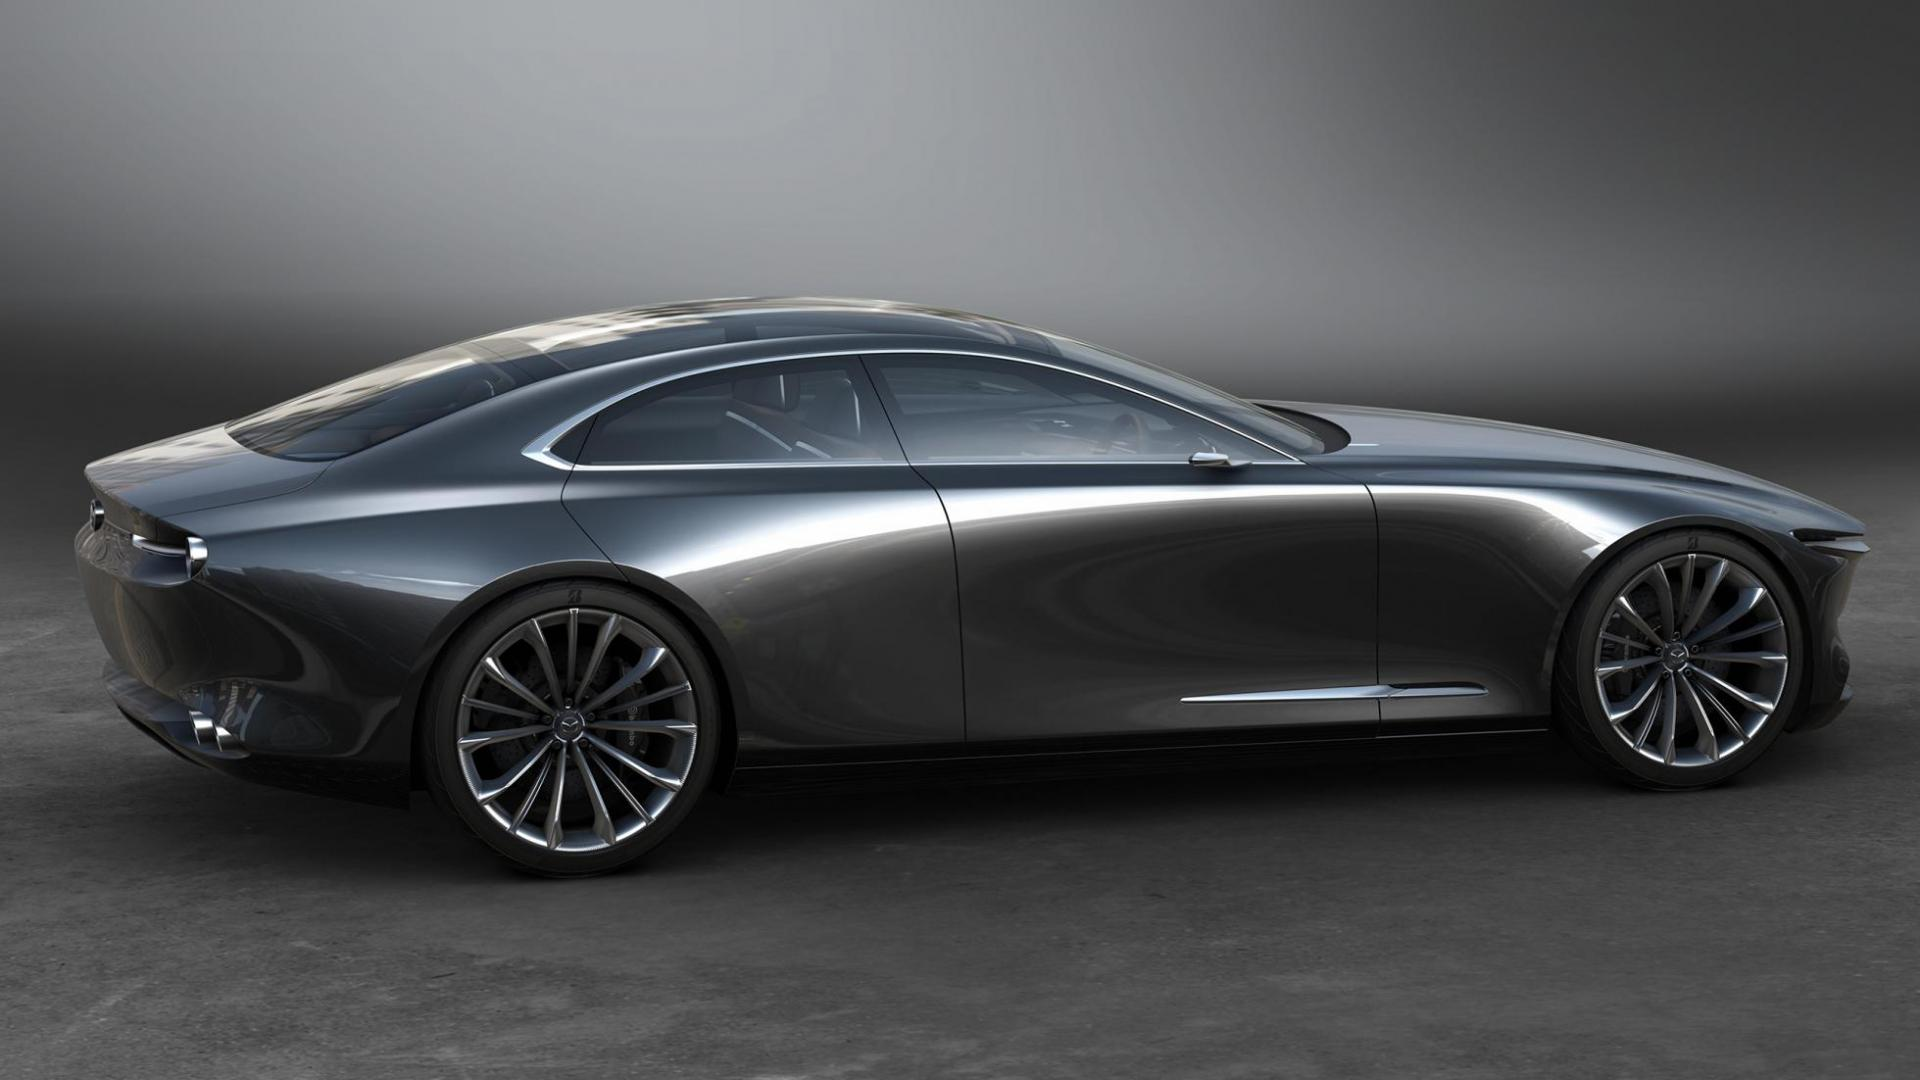 Mazda Vision Concept